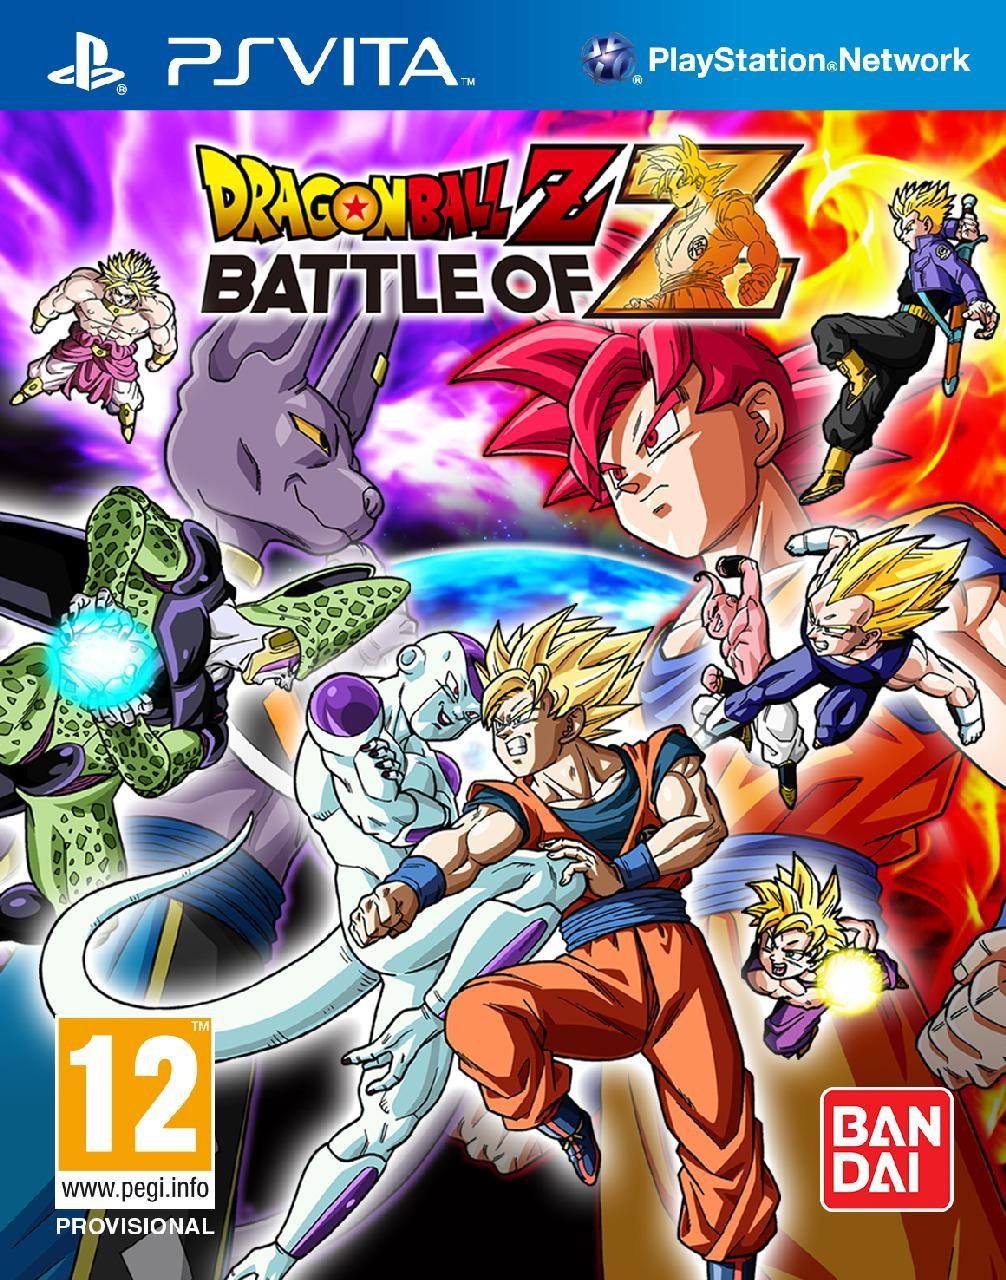 Dragon Ball Z battle of z 2